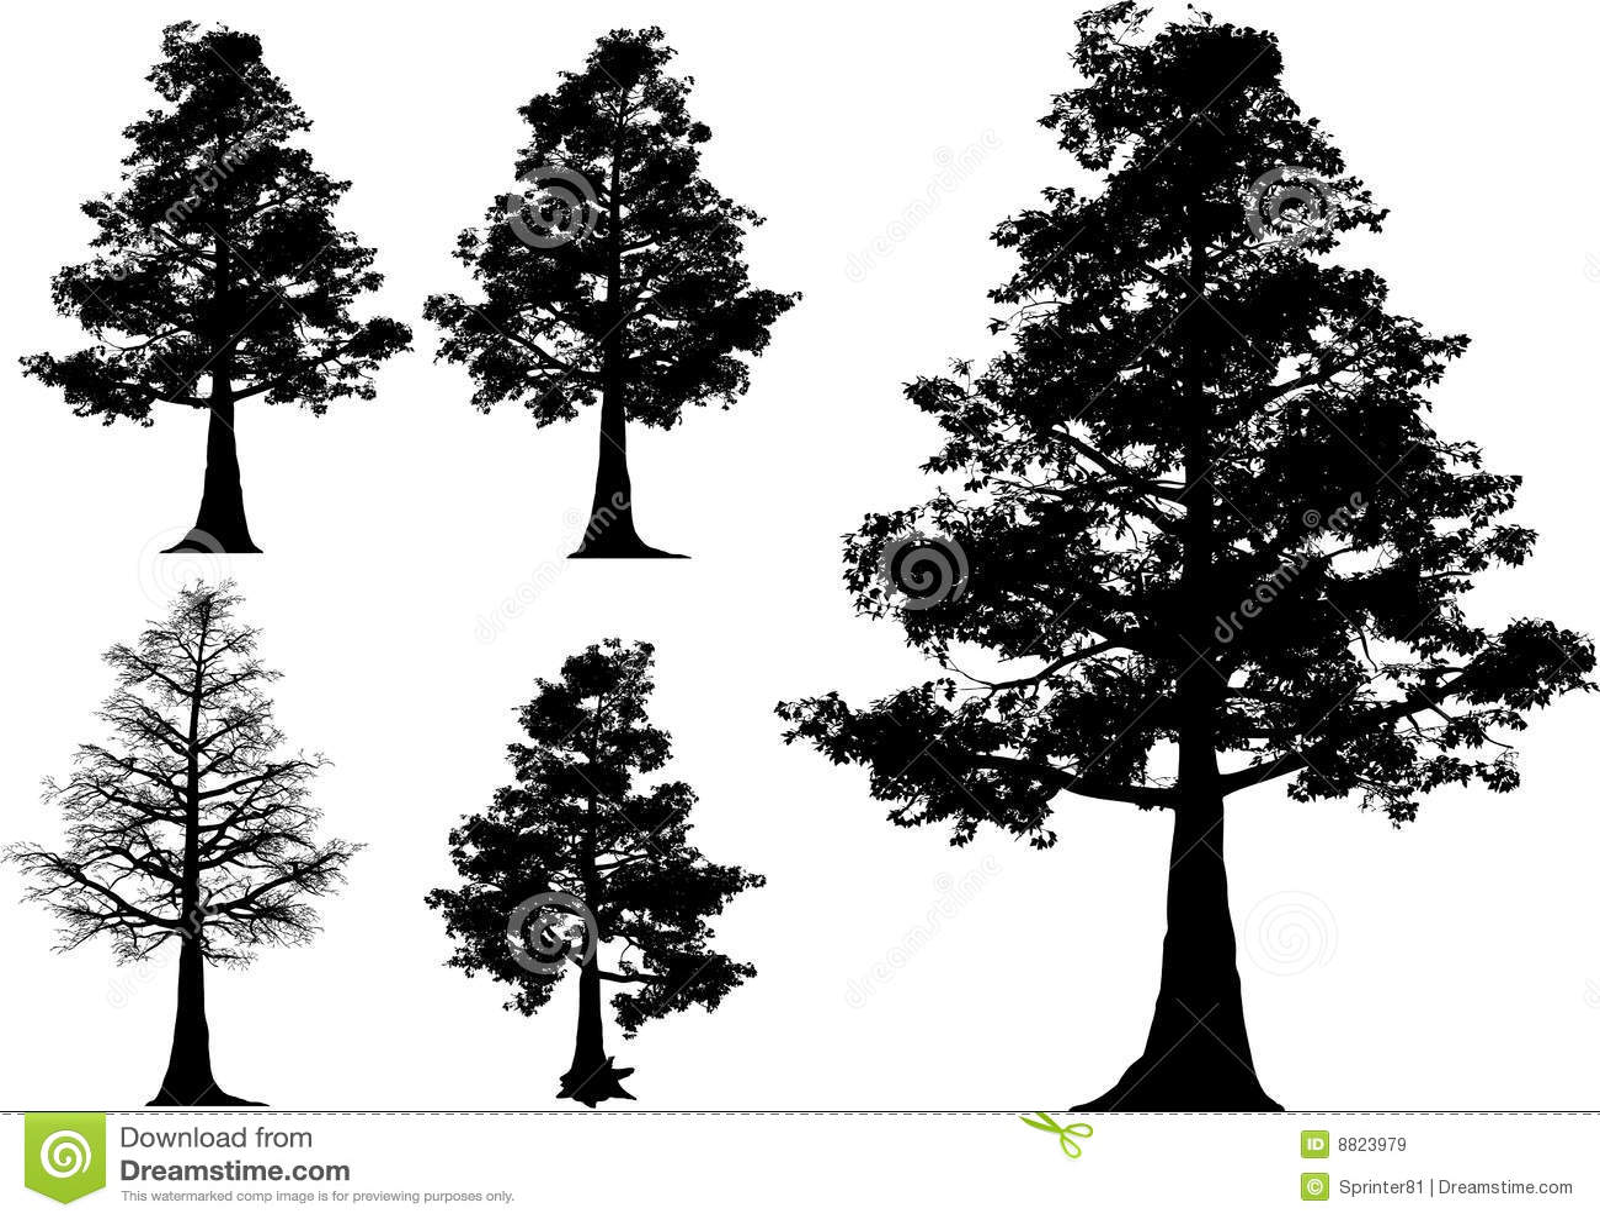 Vector Illustration Tree: Vector Trees Stock Vector. Illustration Of Branch, Grass